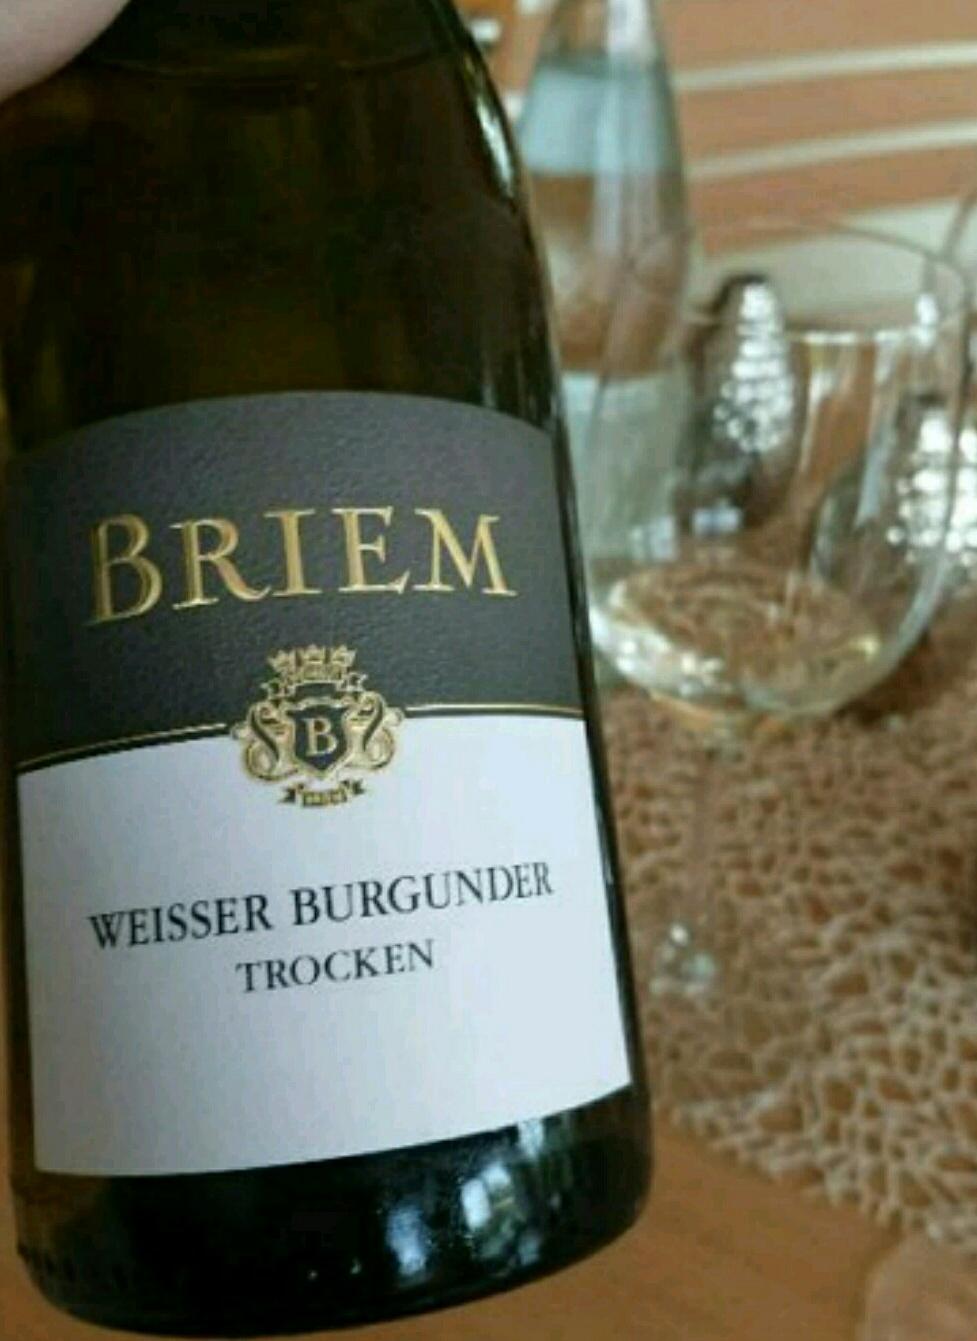 Briem Weisser Burgunder Trocken 2015